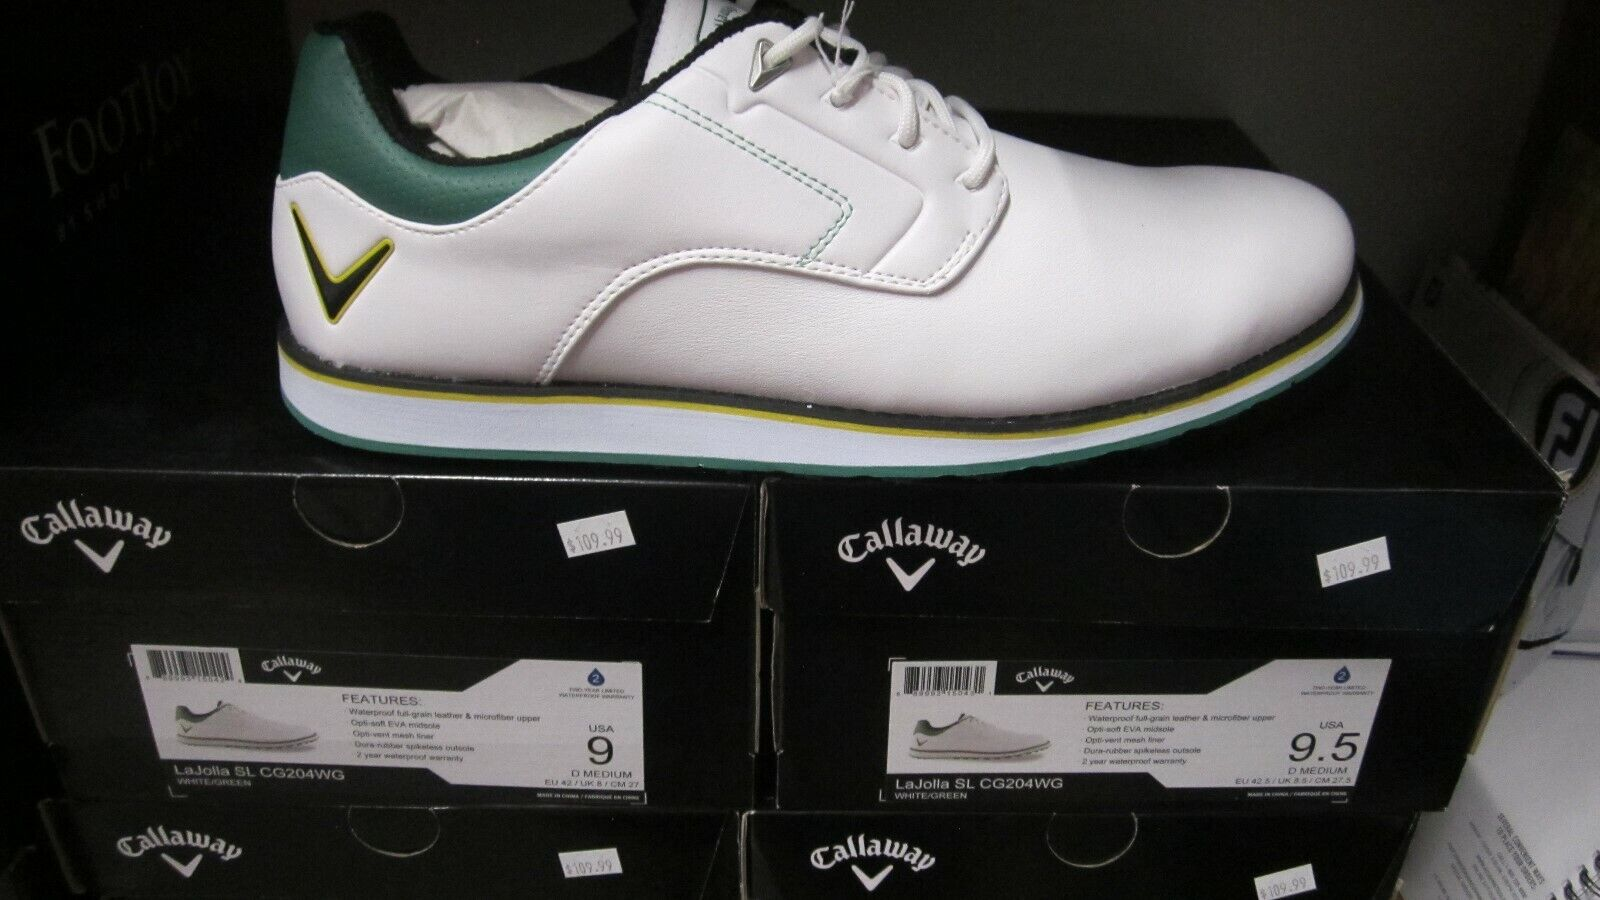 Zapatos de oro para hombre Callaway Lajolla Sl blancoo verde Talla 9.5M